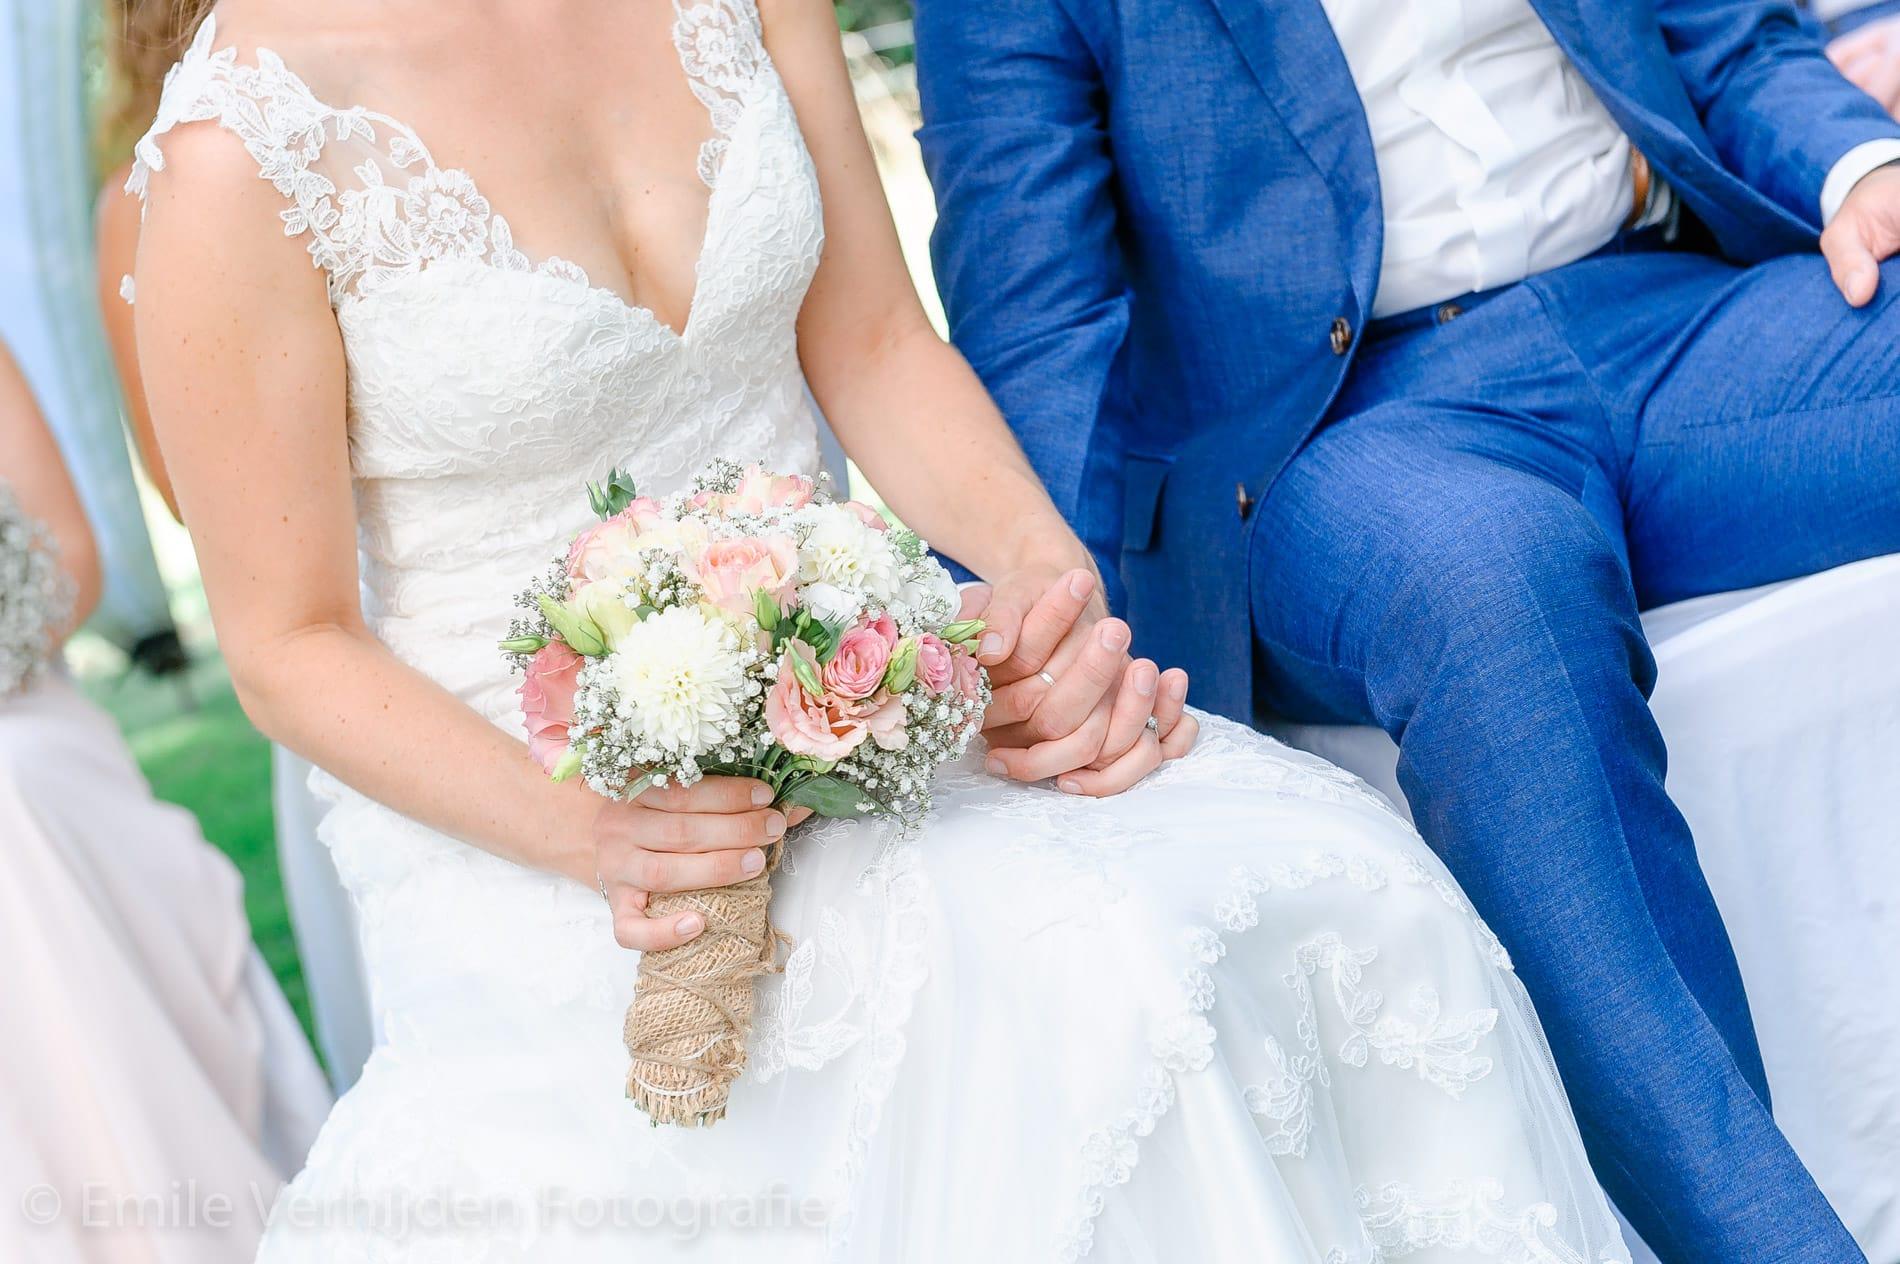 Samen de handen in elkaar - Bruidsfotografie Winselerhof Landgraaf - Kerkrade